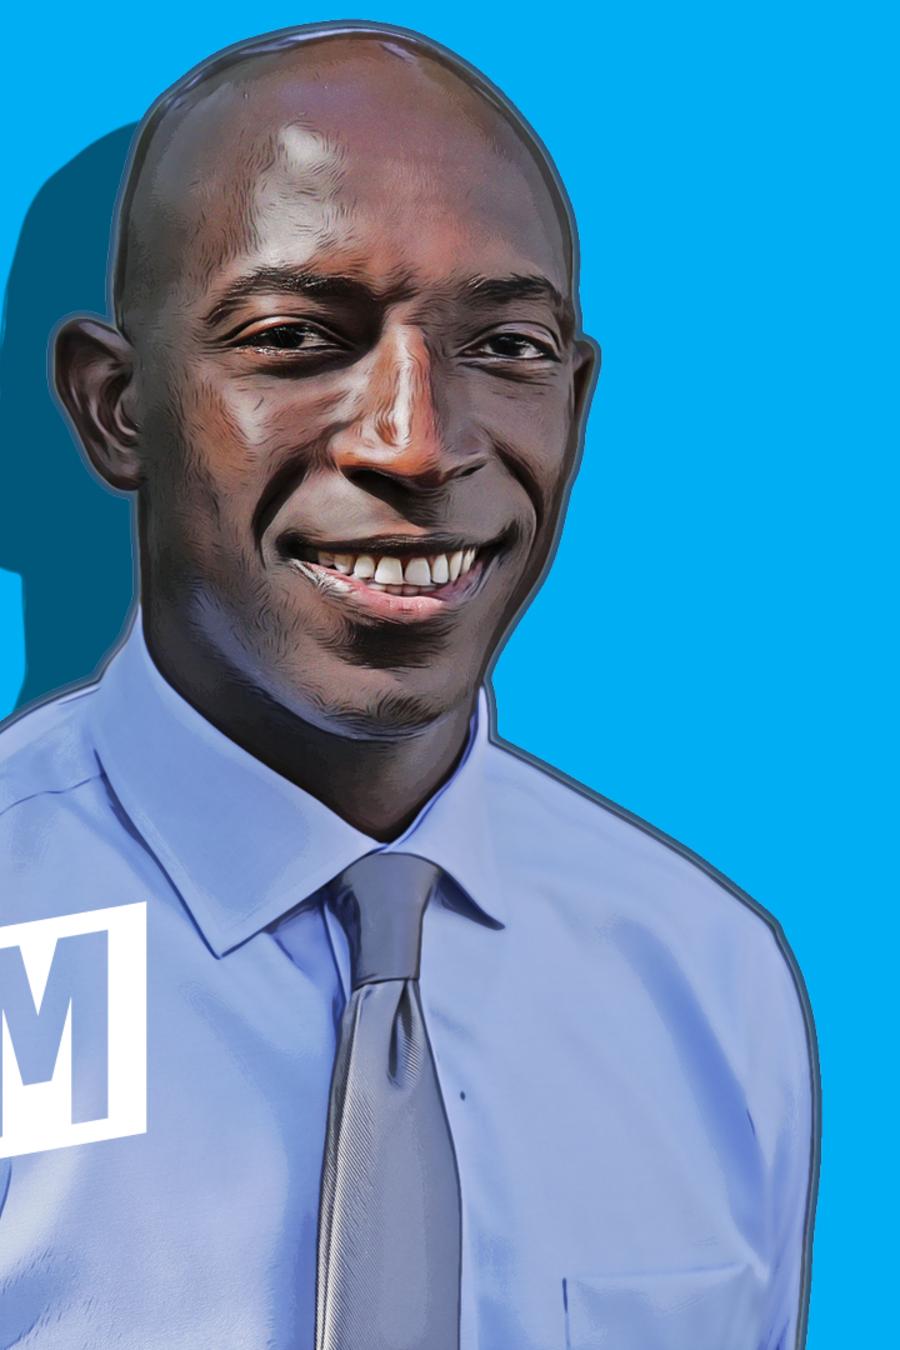 Wayne Messam, el alcalde de Miramar que busca disputar las elecciones presidenciales por el partido Demócrata